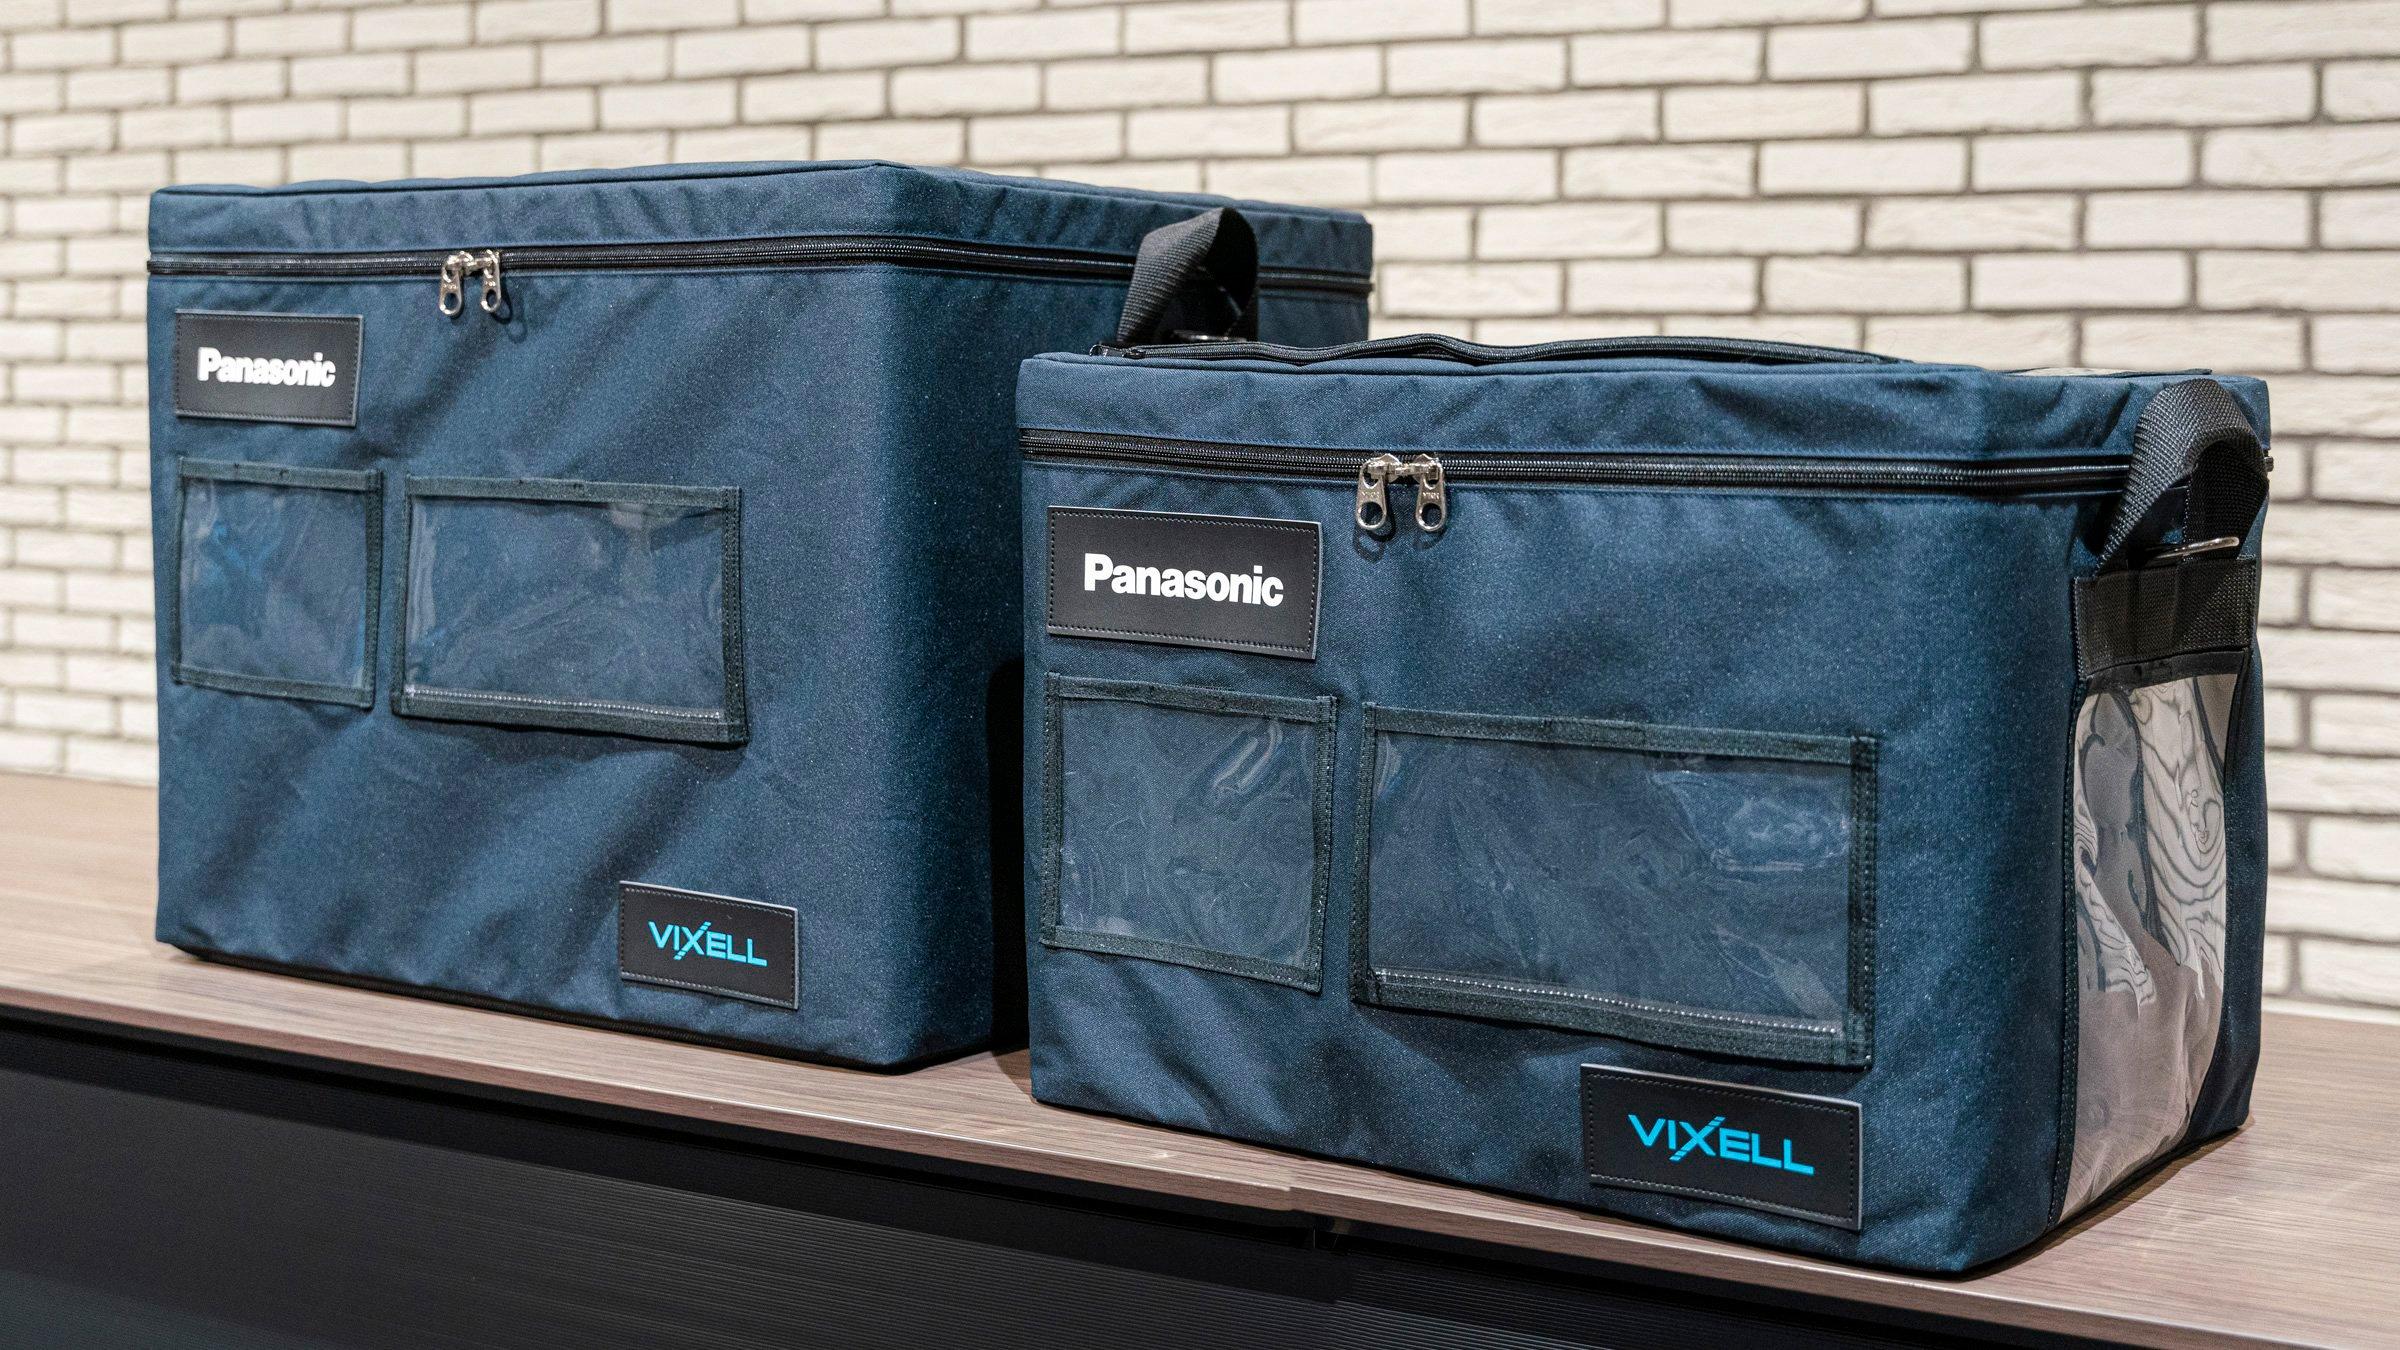 写真:真空断熱保冷ボックス「VIXELL」。左がType-L、右がType-S。